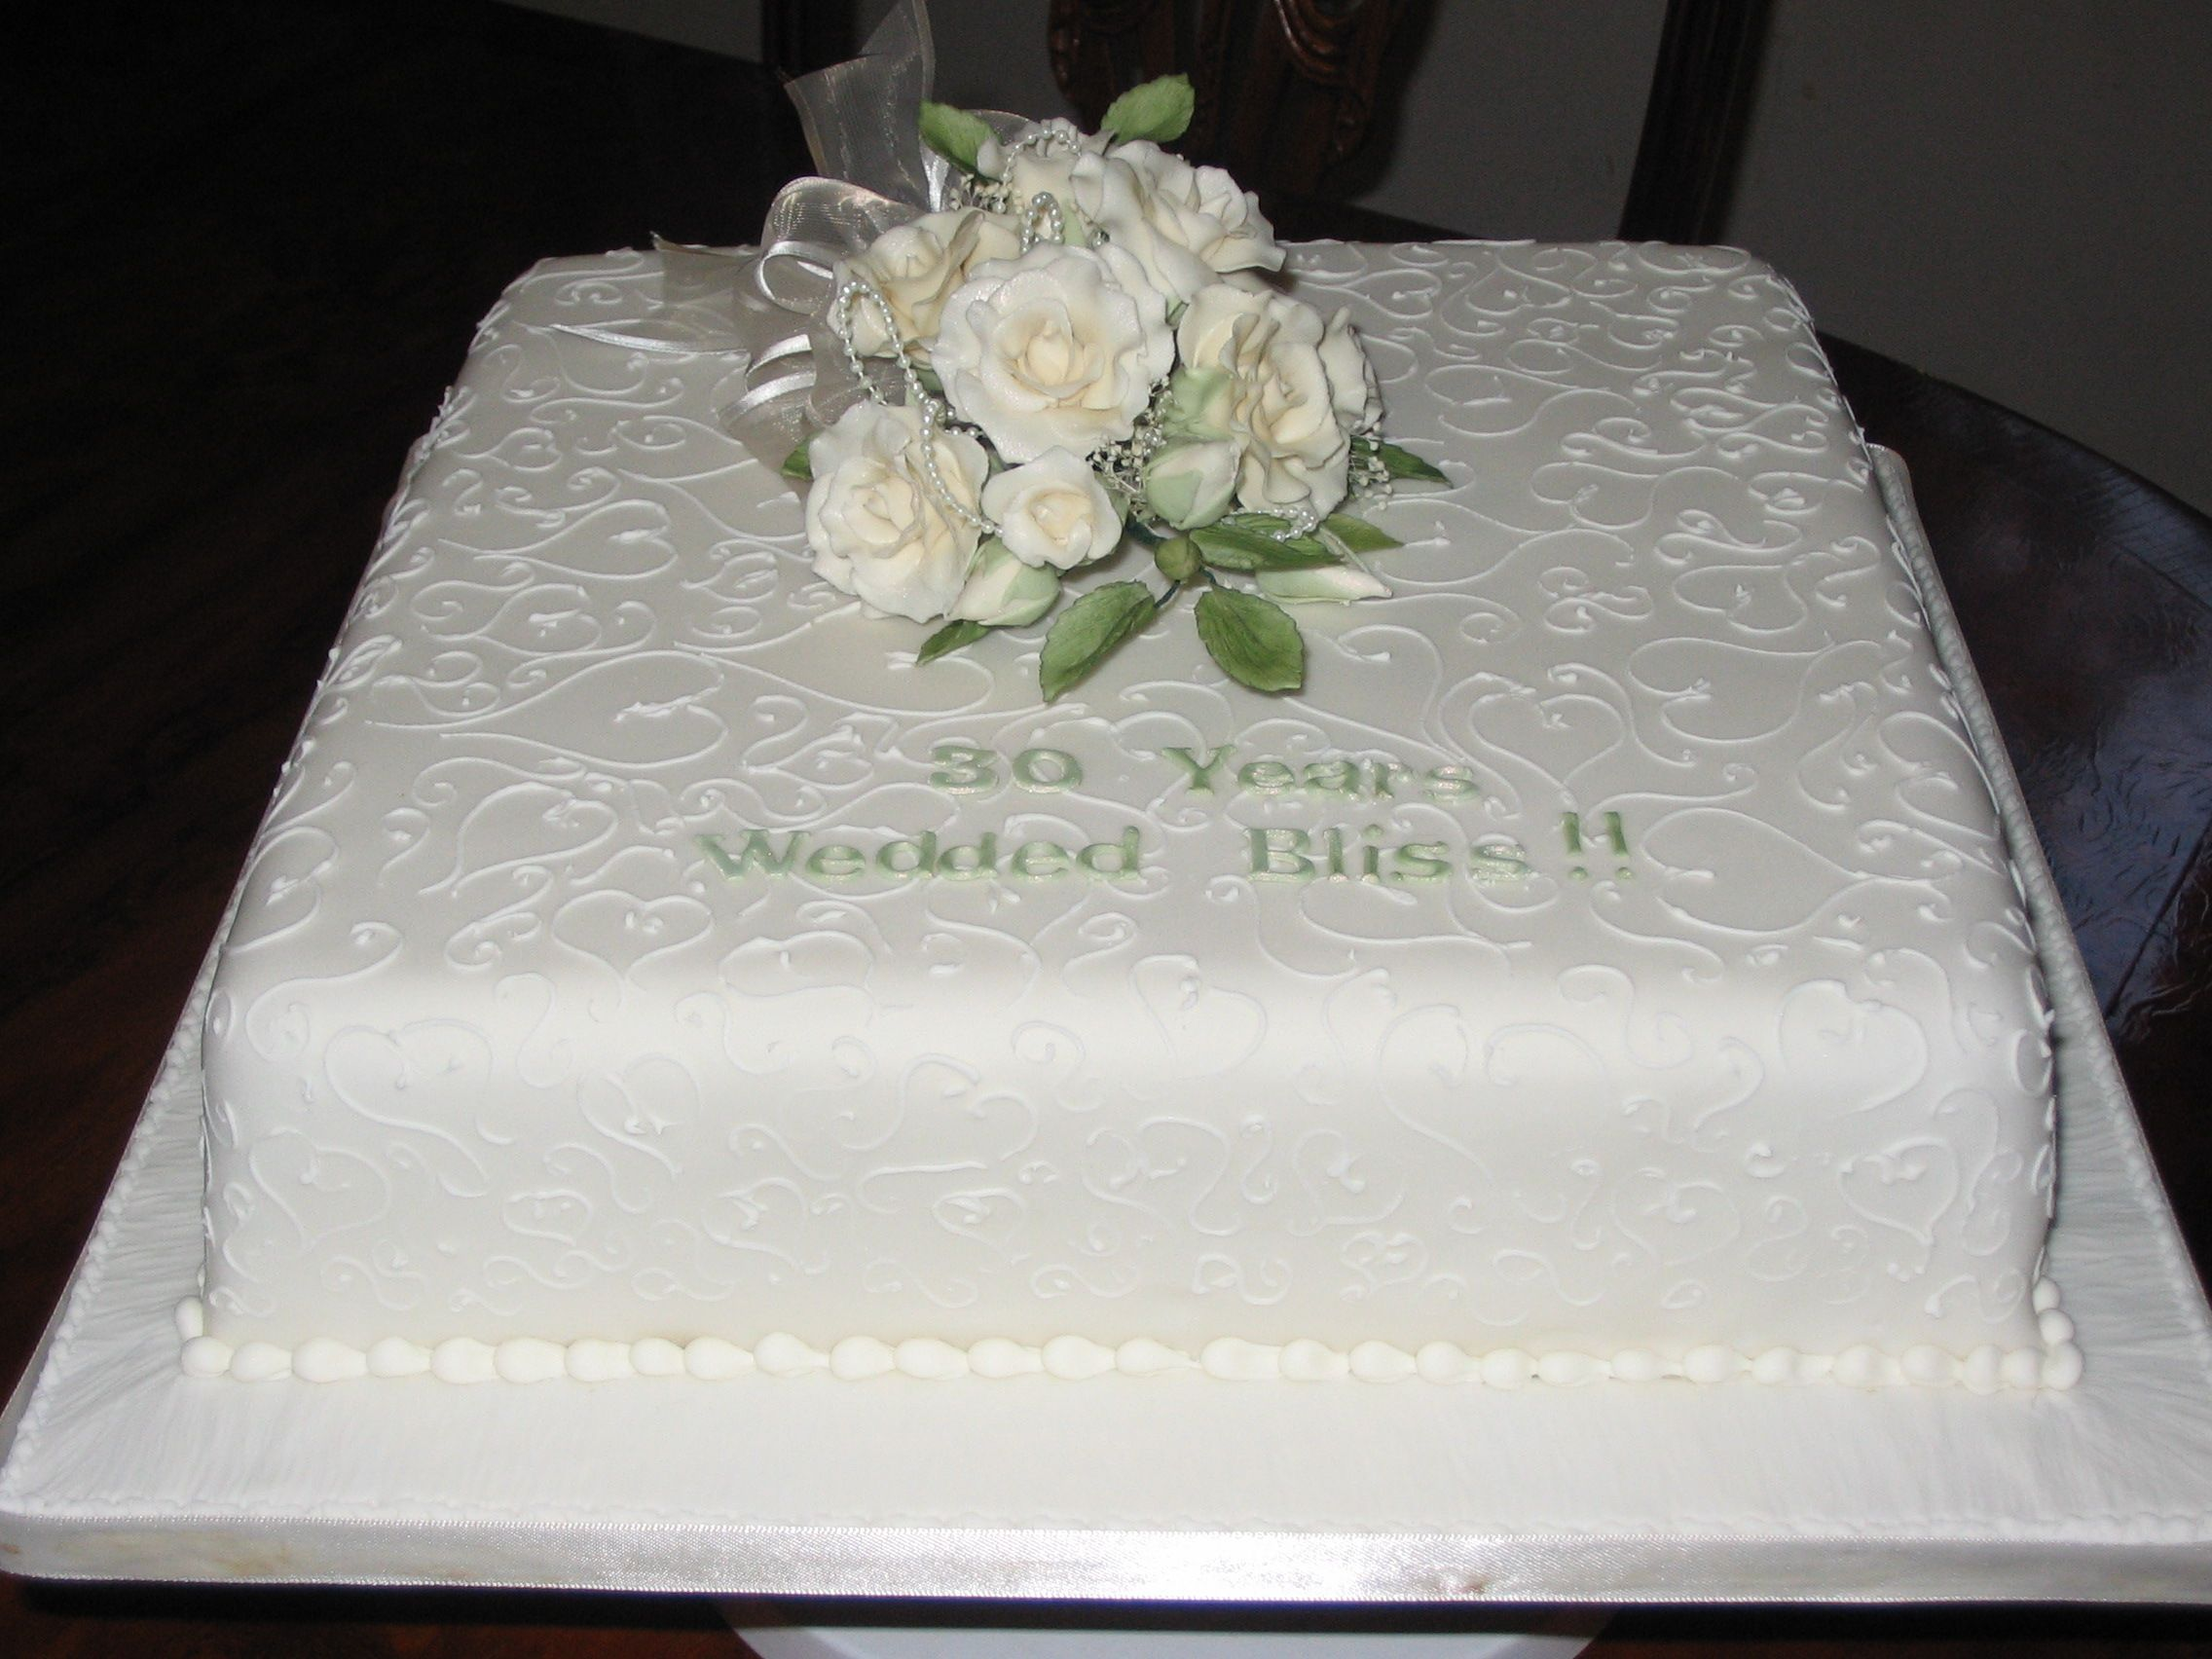 White and emerald years wedding anniversary cake